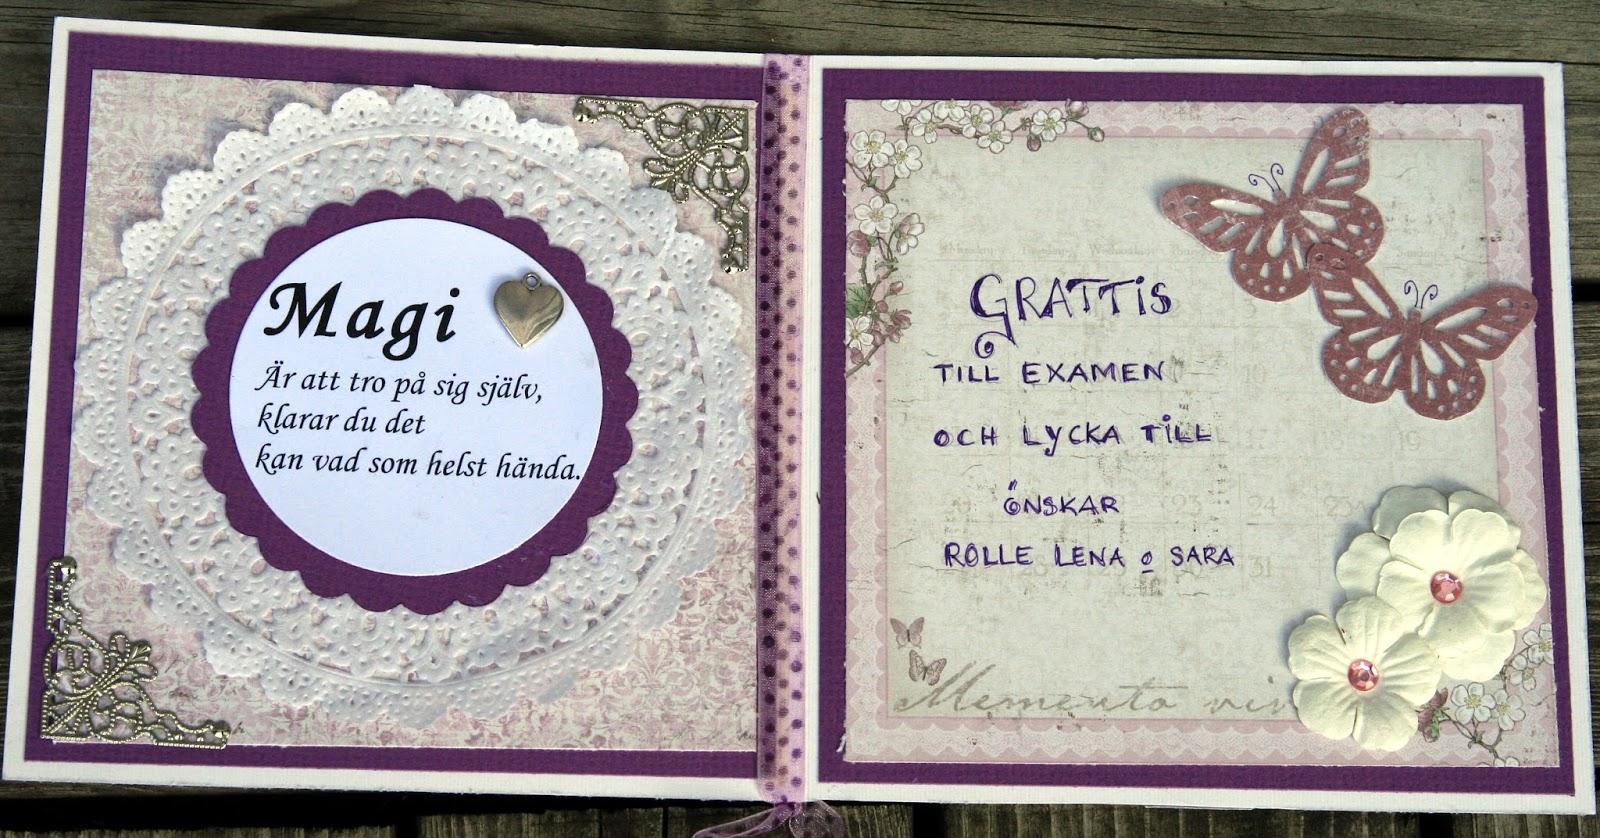 grattis till studenten och lycka till Lenas pysselhörna: Grattis till examen grattis till studenten och lycka till